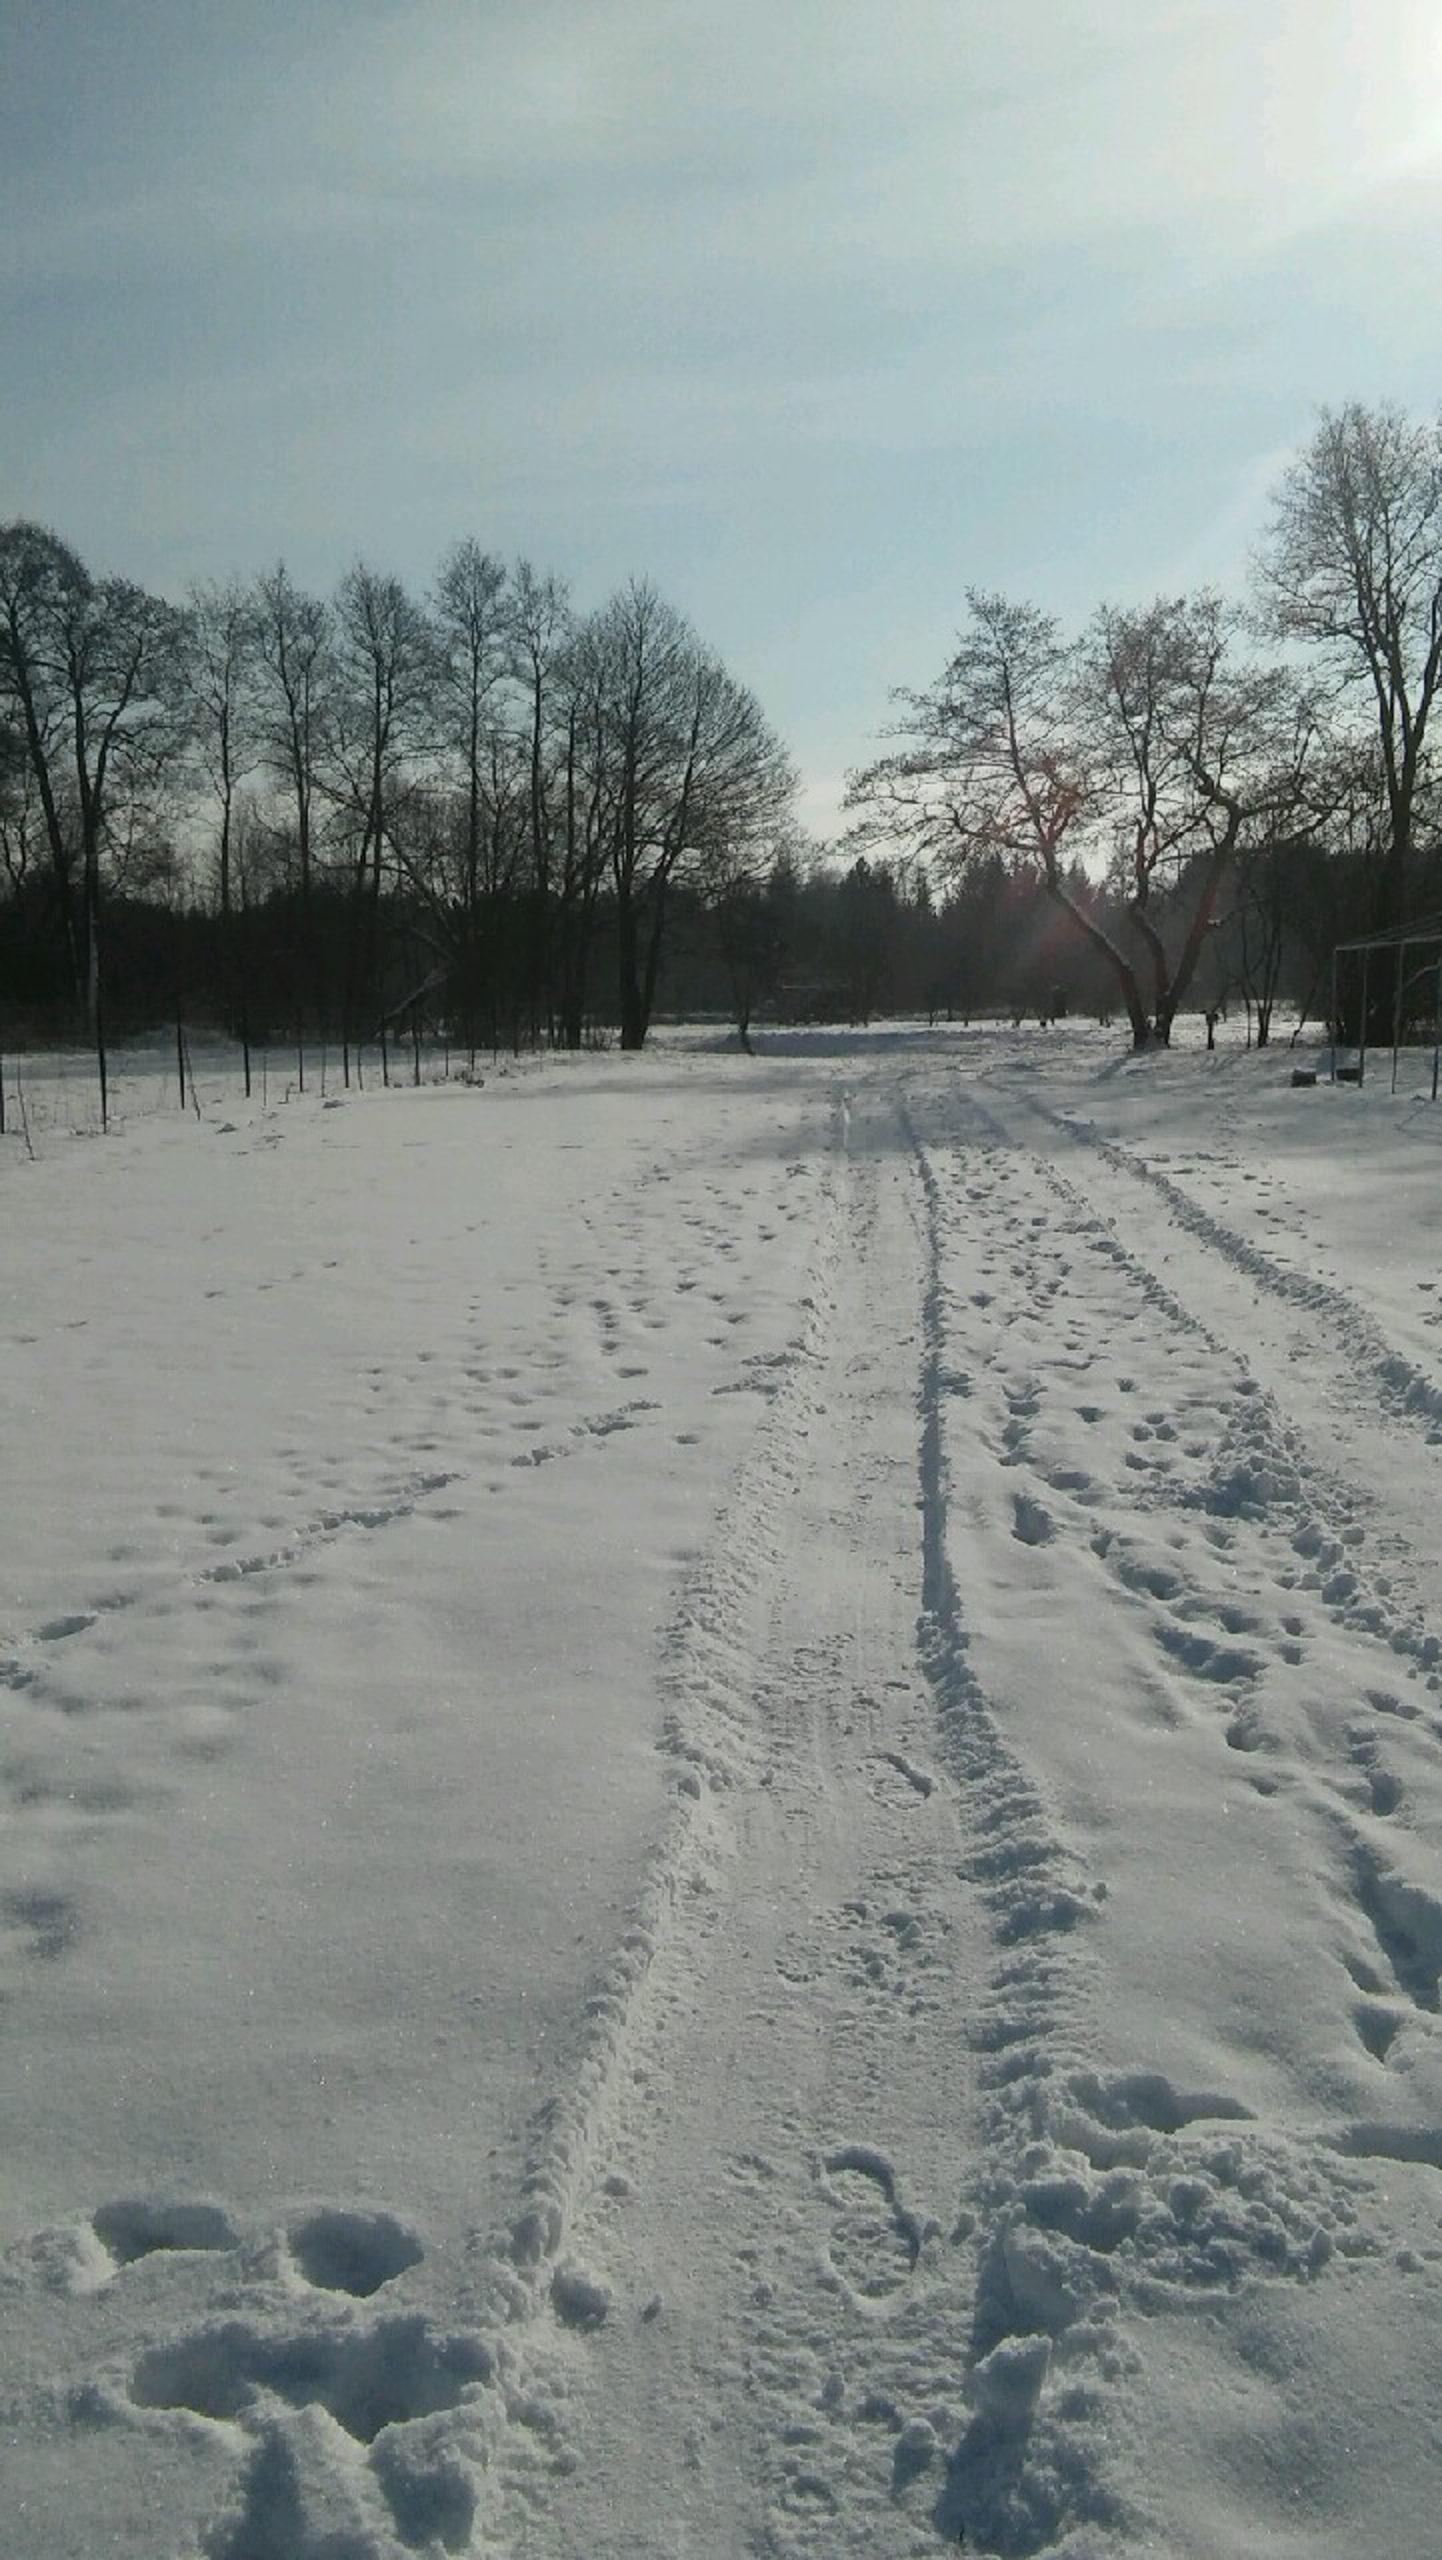 ścieżka piesza w śniegu